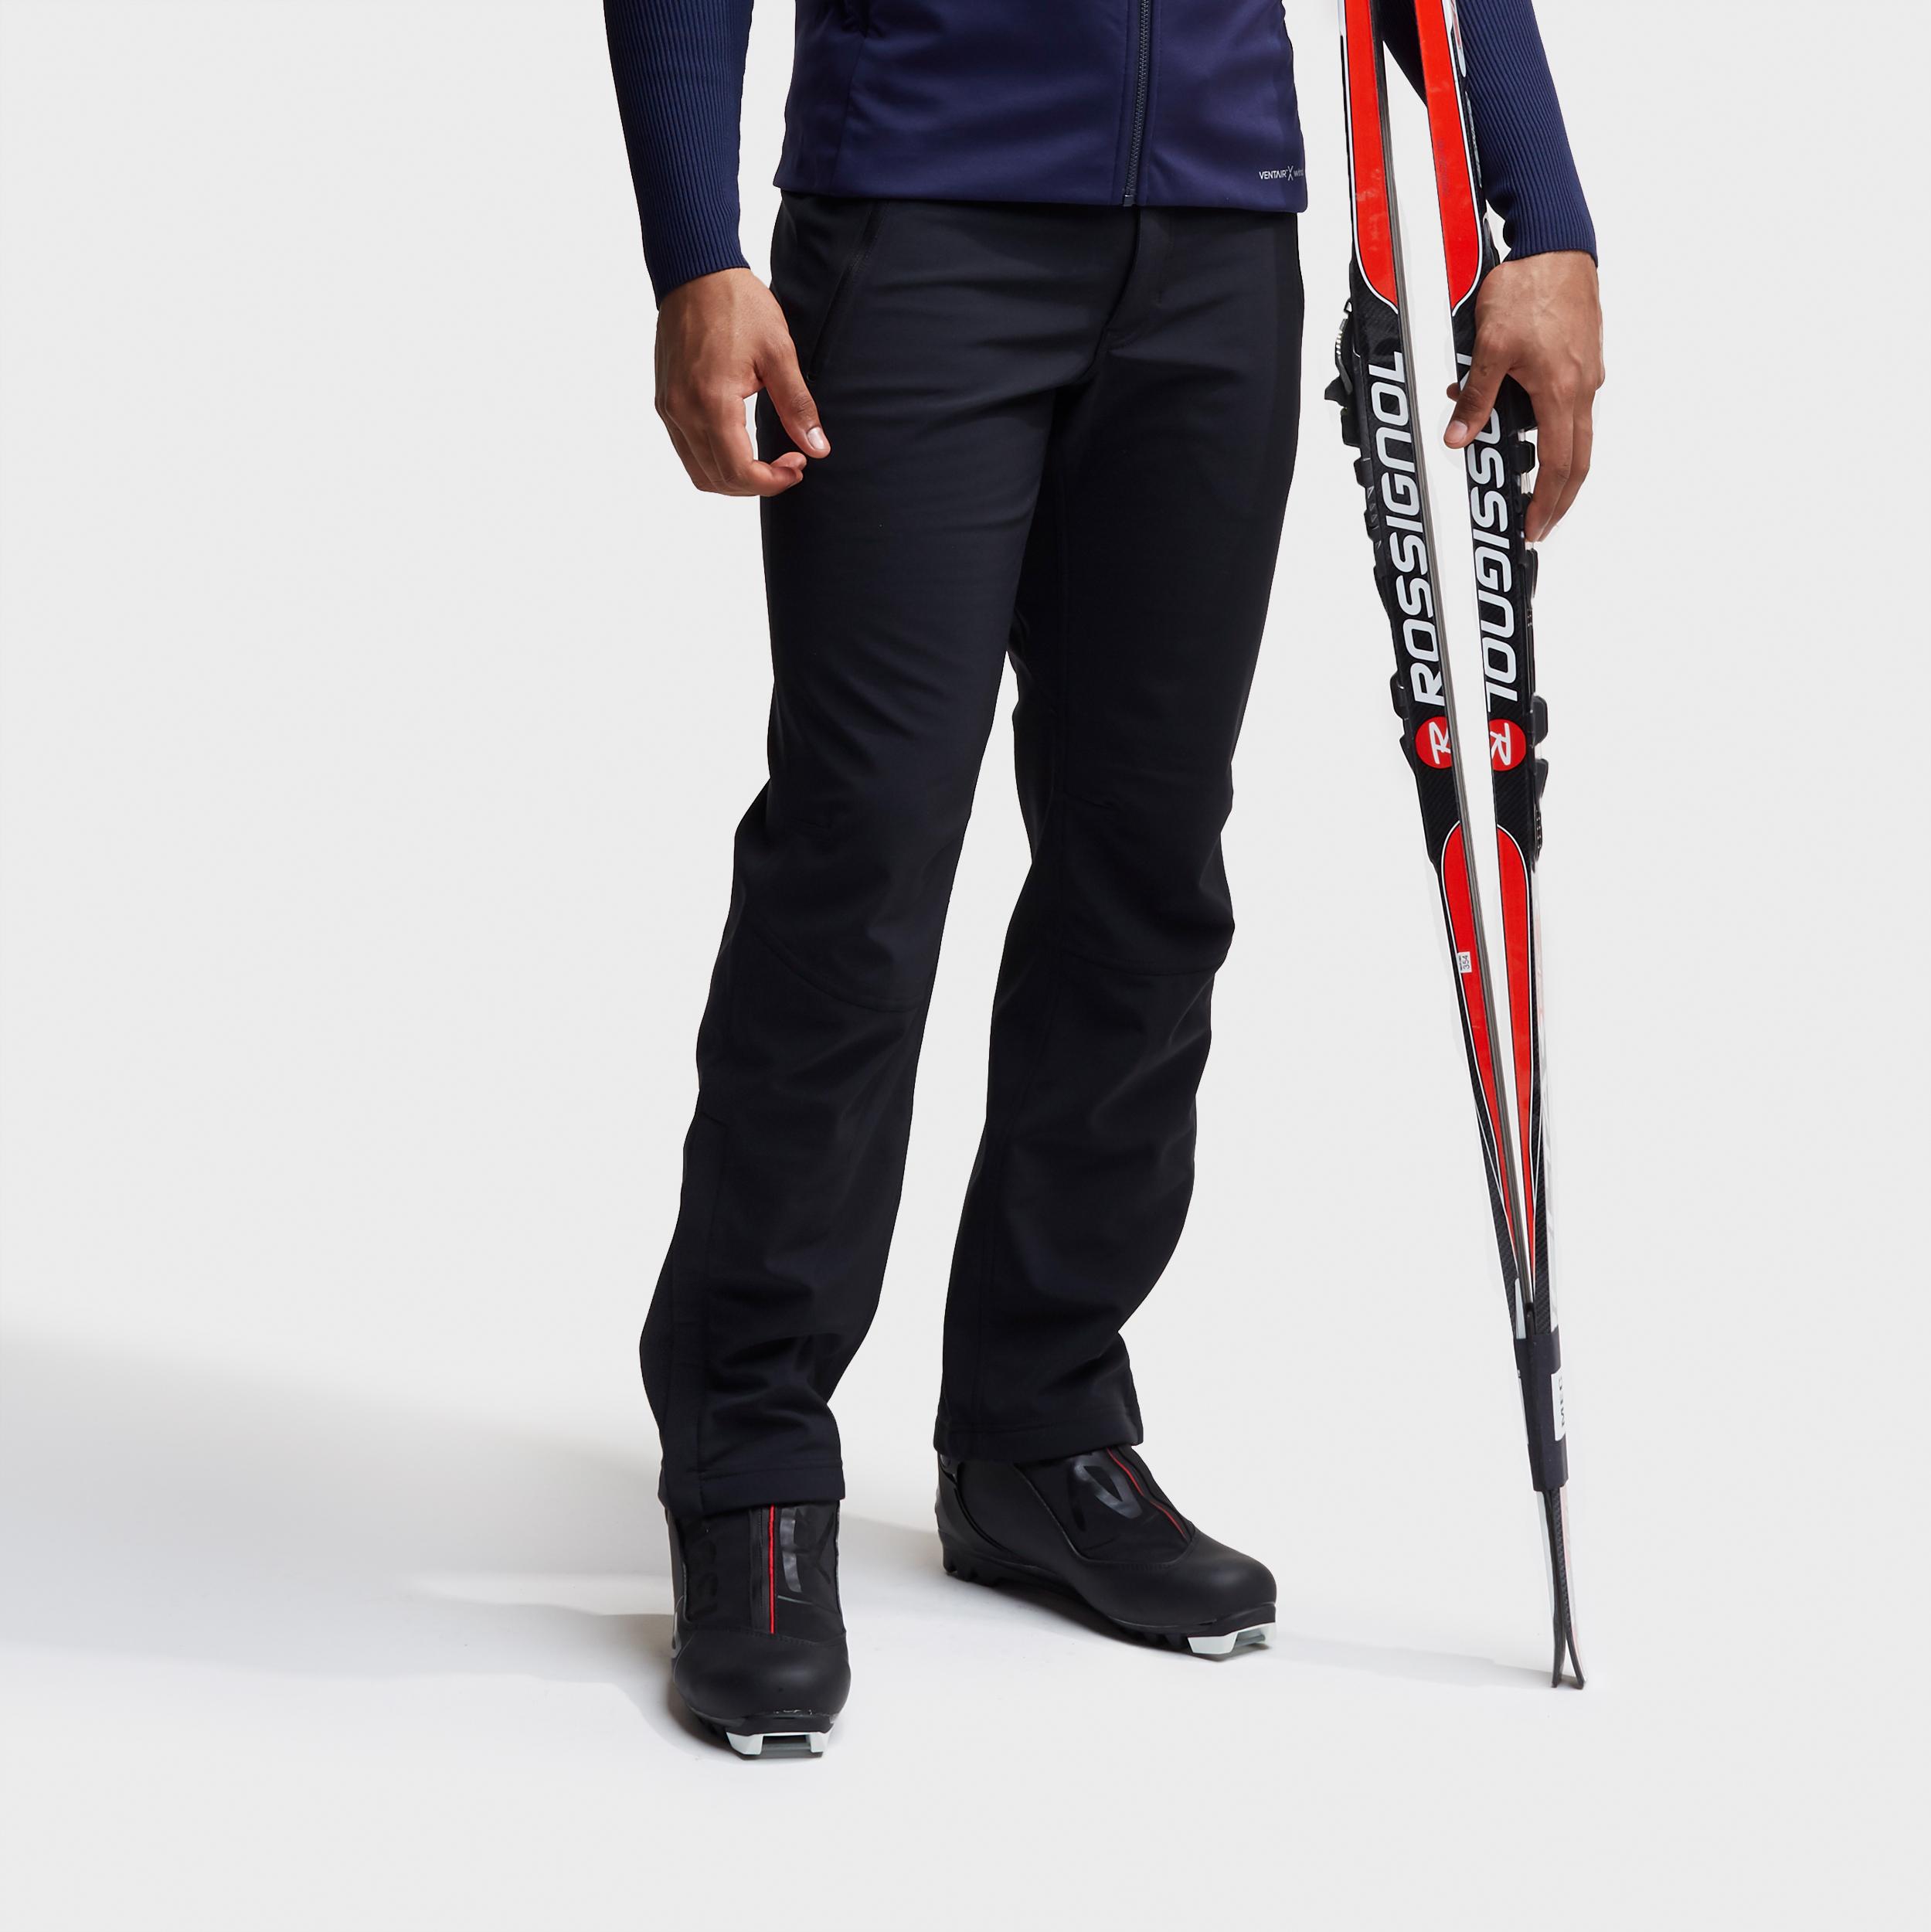 b5e2a1156f61 Snow and ski pants